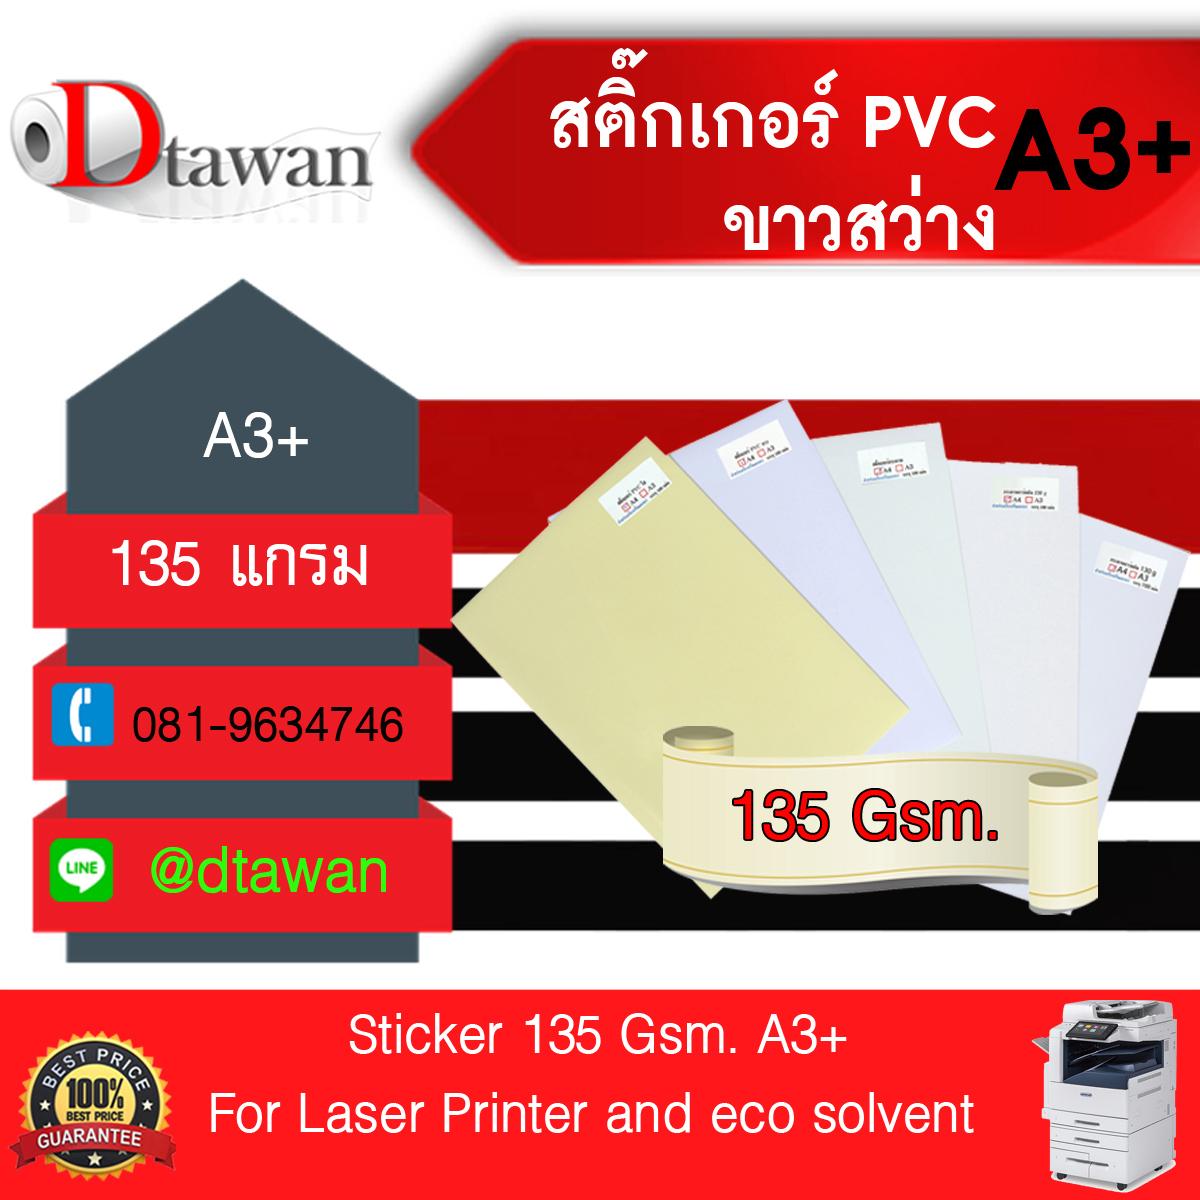 สติ๊กเกอร์ PVC 135g (135แกรม) ขาวสว่าง ขนาด A3+ (13x19นิ้ว)